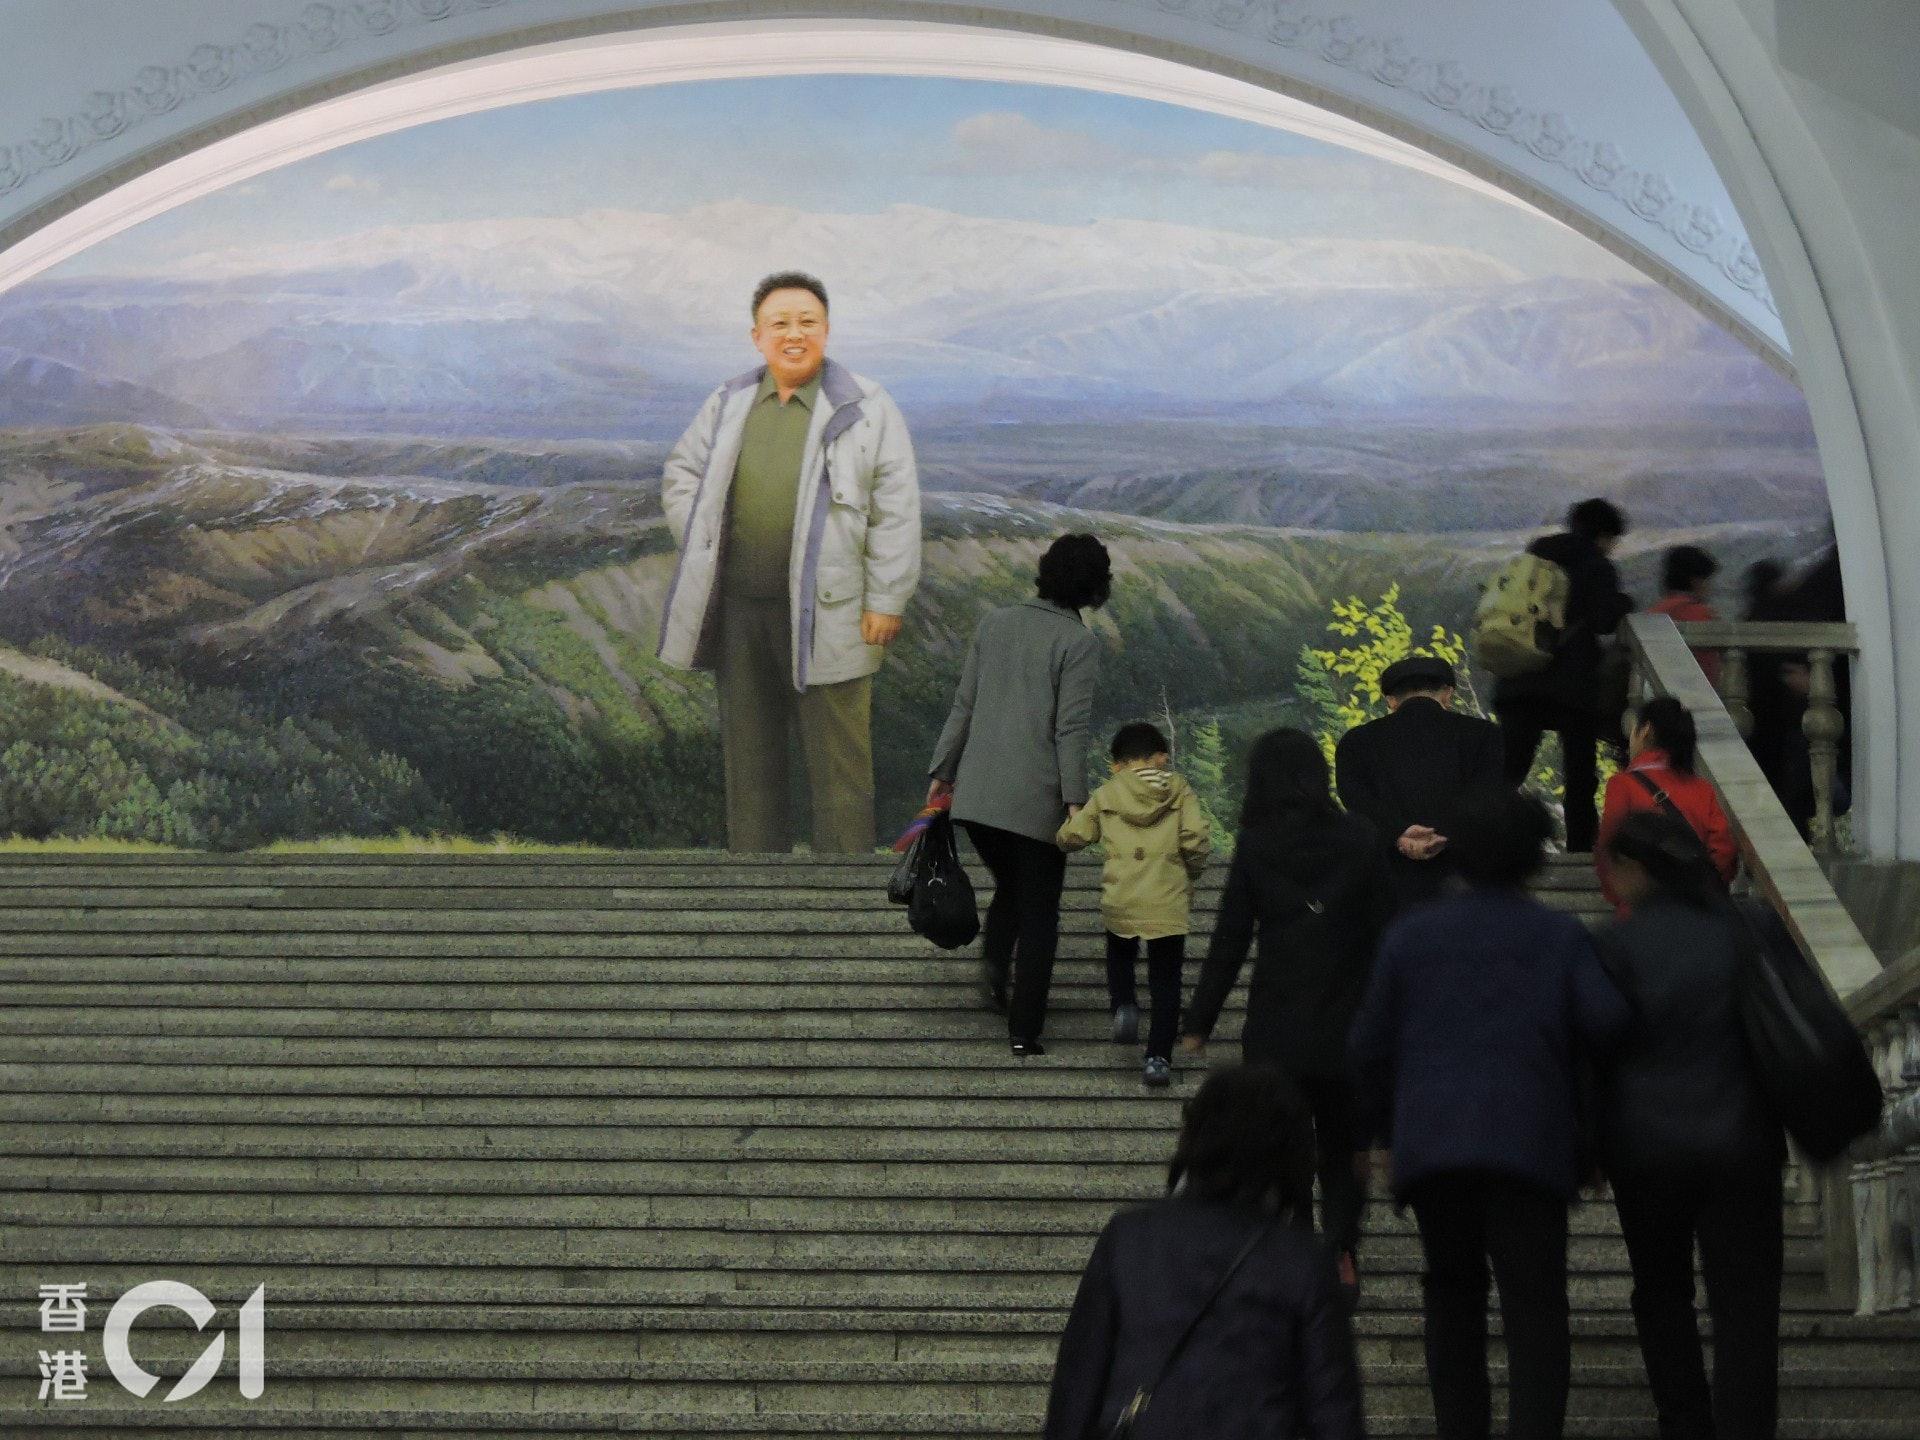 在平壤的地鐵站裏,也不難見到領導人的面孔。(歐陽翠詩攝)